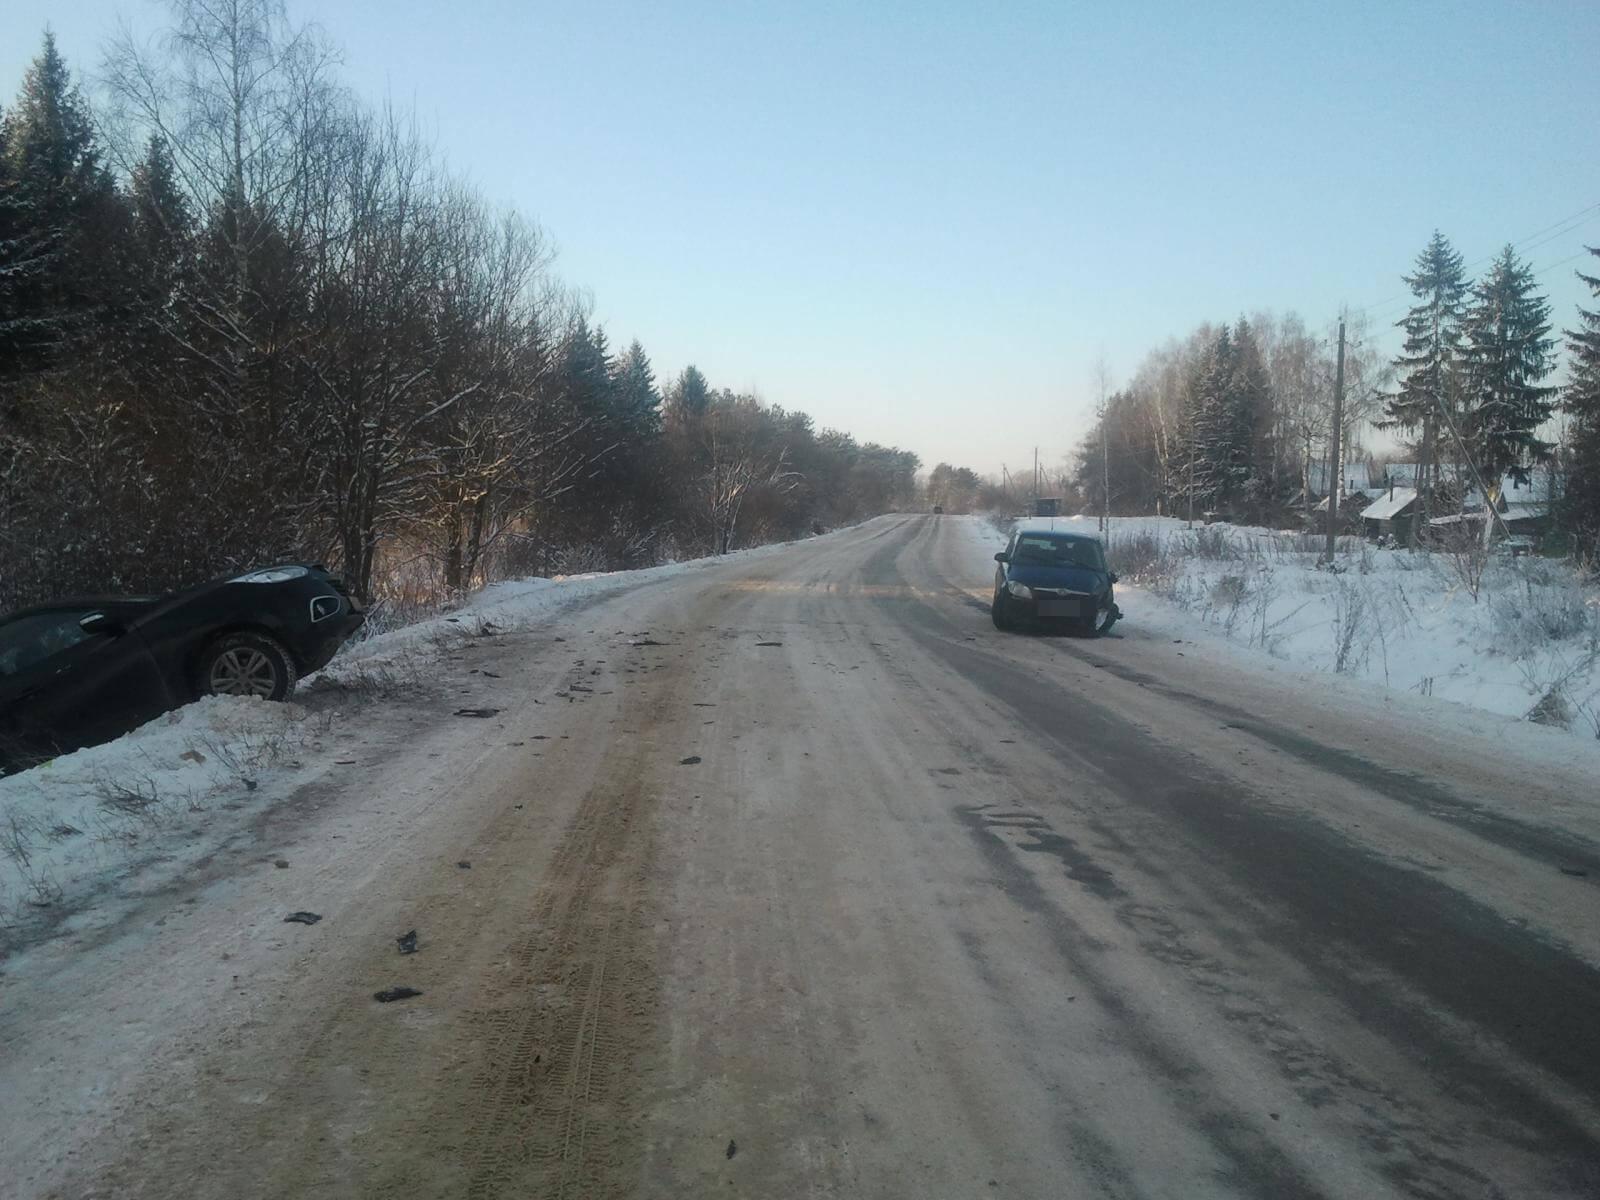 За 3 дня на дорогах Тверской области 1 человек погиб и 9 получили травмы